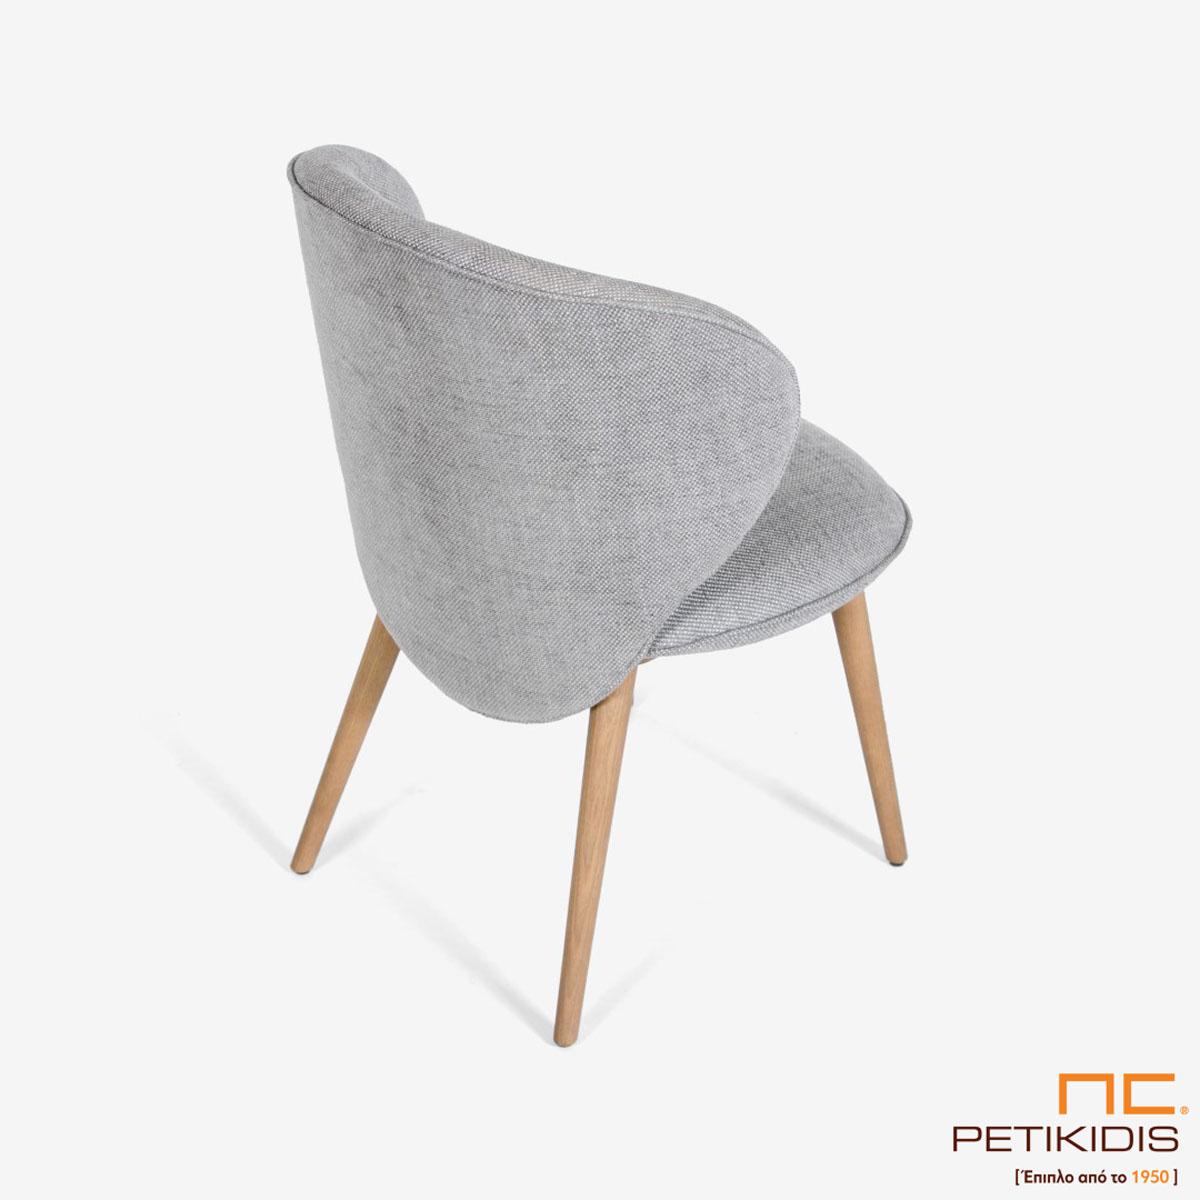 Καρέκλα Rose Α91 με μασίφ ξύλινα πόδια. Η πλάτη έχει ιδιαίτερο σχεδιασμό και ύφασμα σε γκρί αποχρώσεις αλέκιαστο και αδιάβροχο. Λεπτομέρεια.